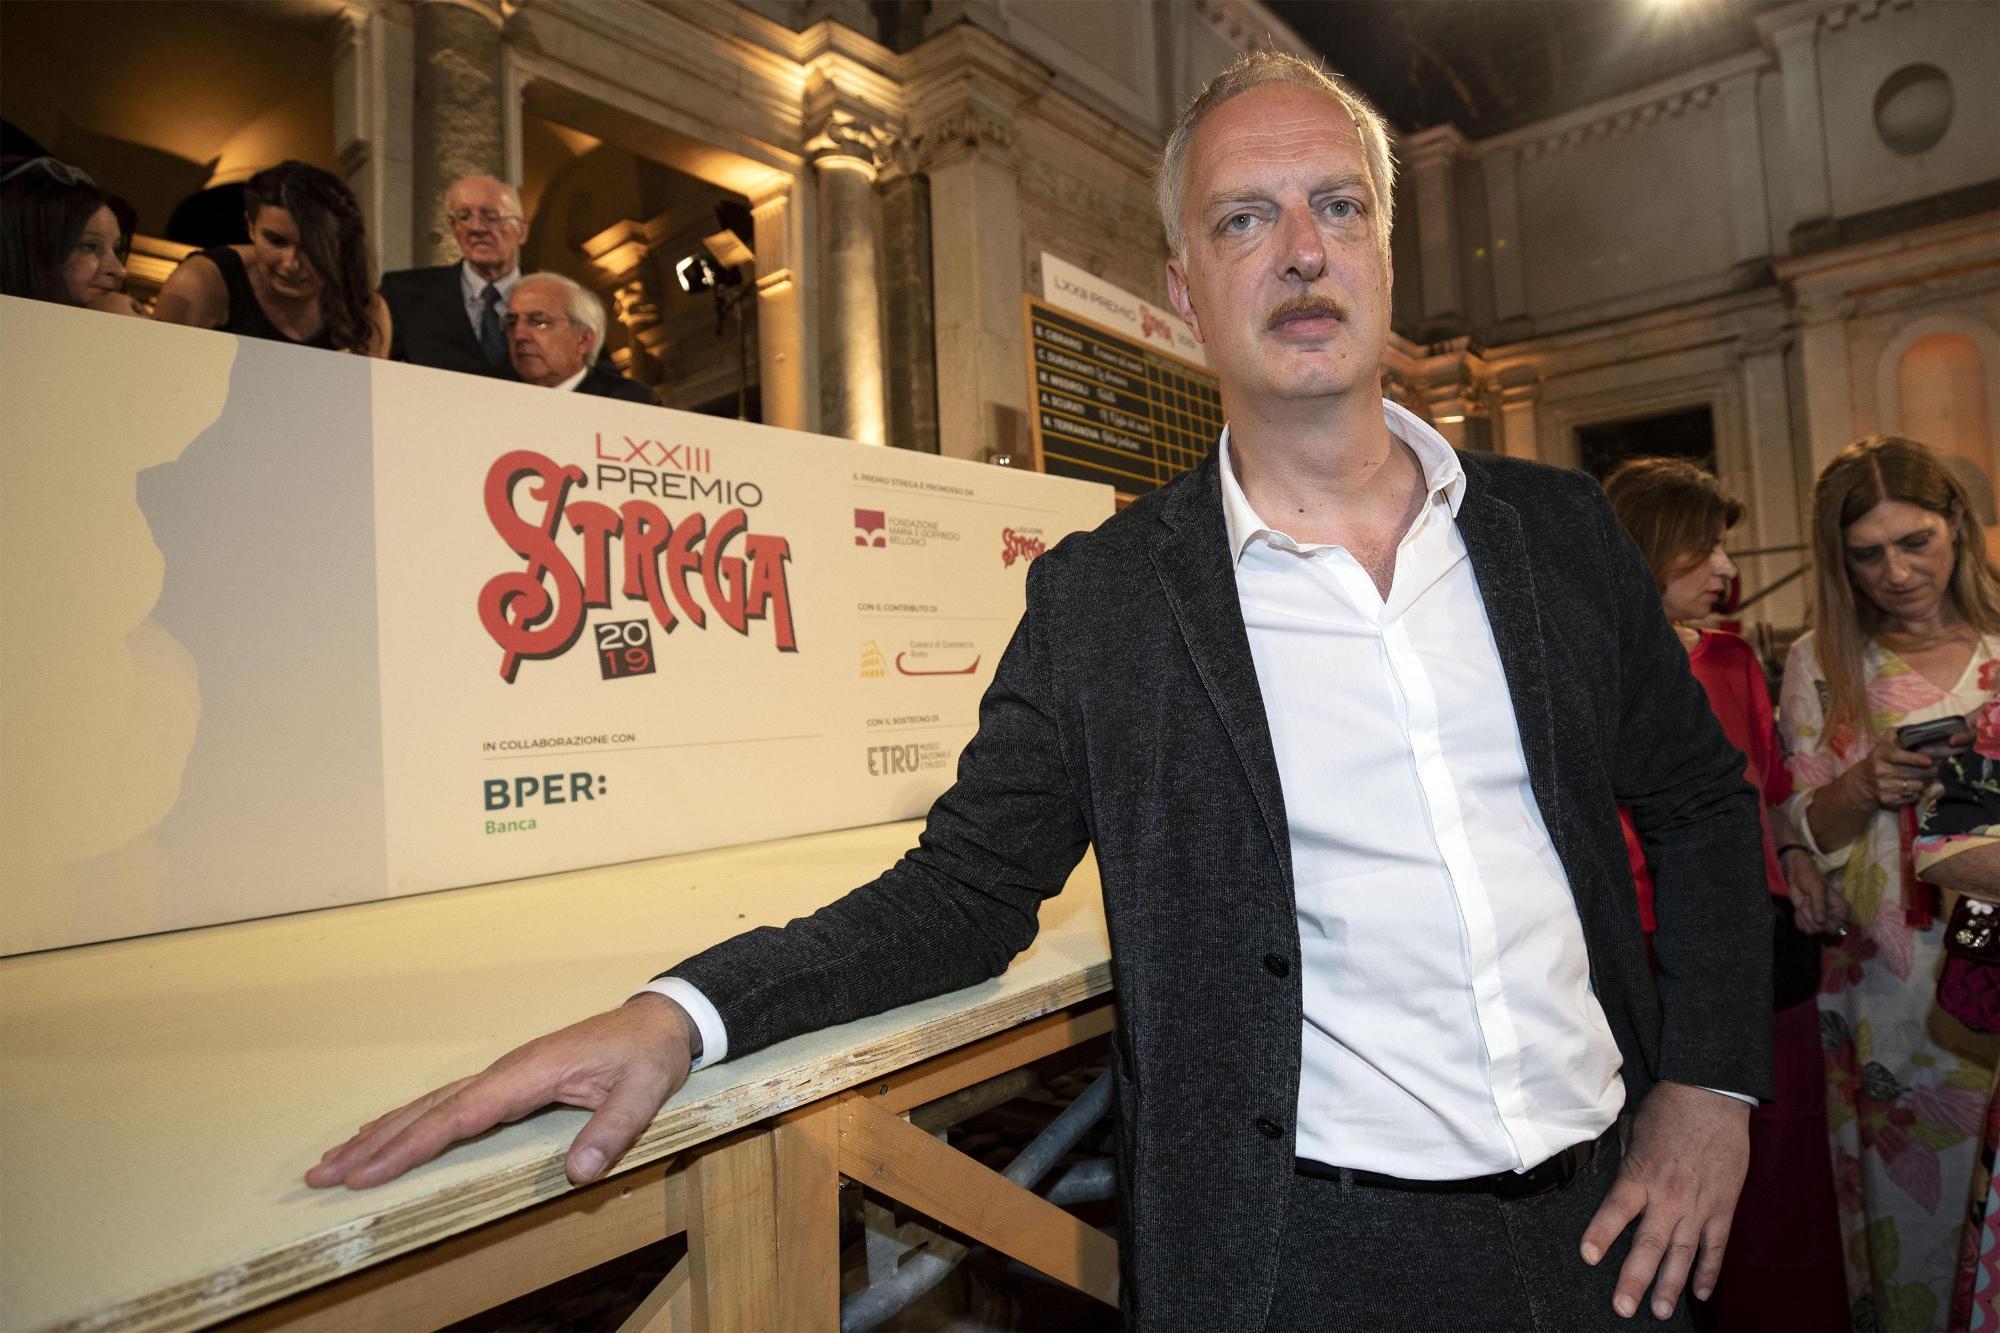 Premio Strega 2019: vince Antonio Scurati con  M. Il figlio del secolo